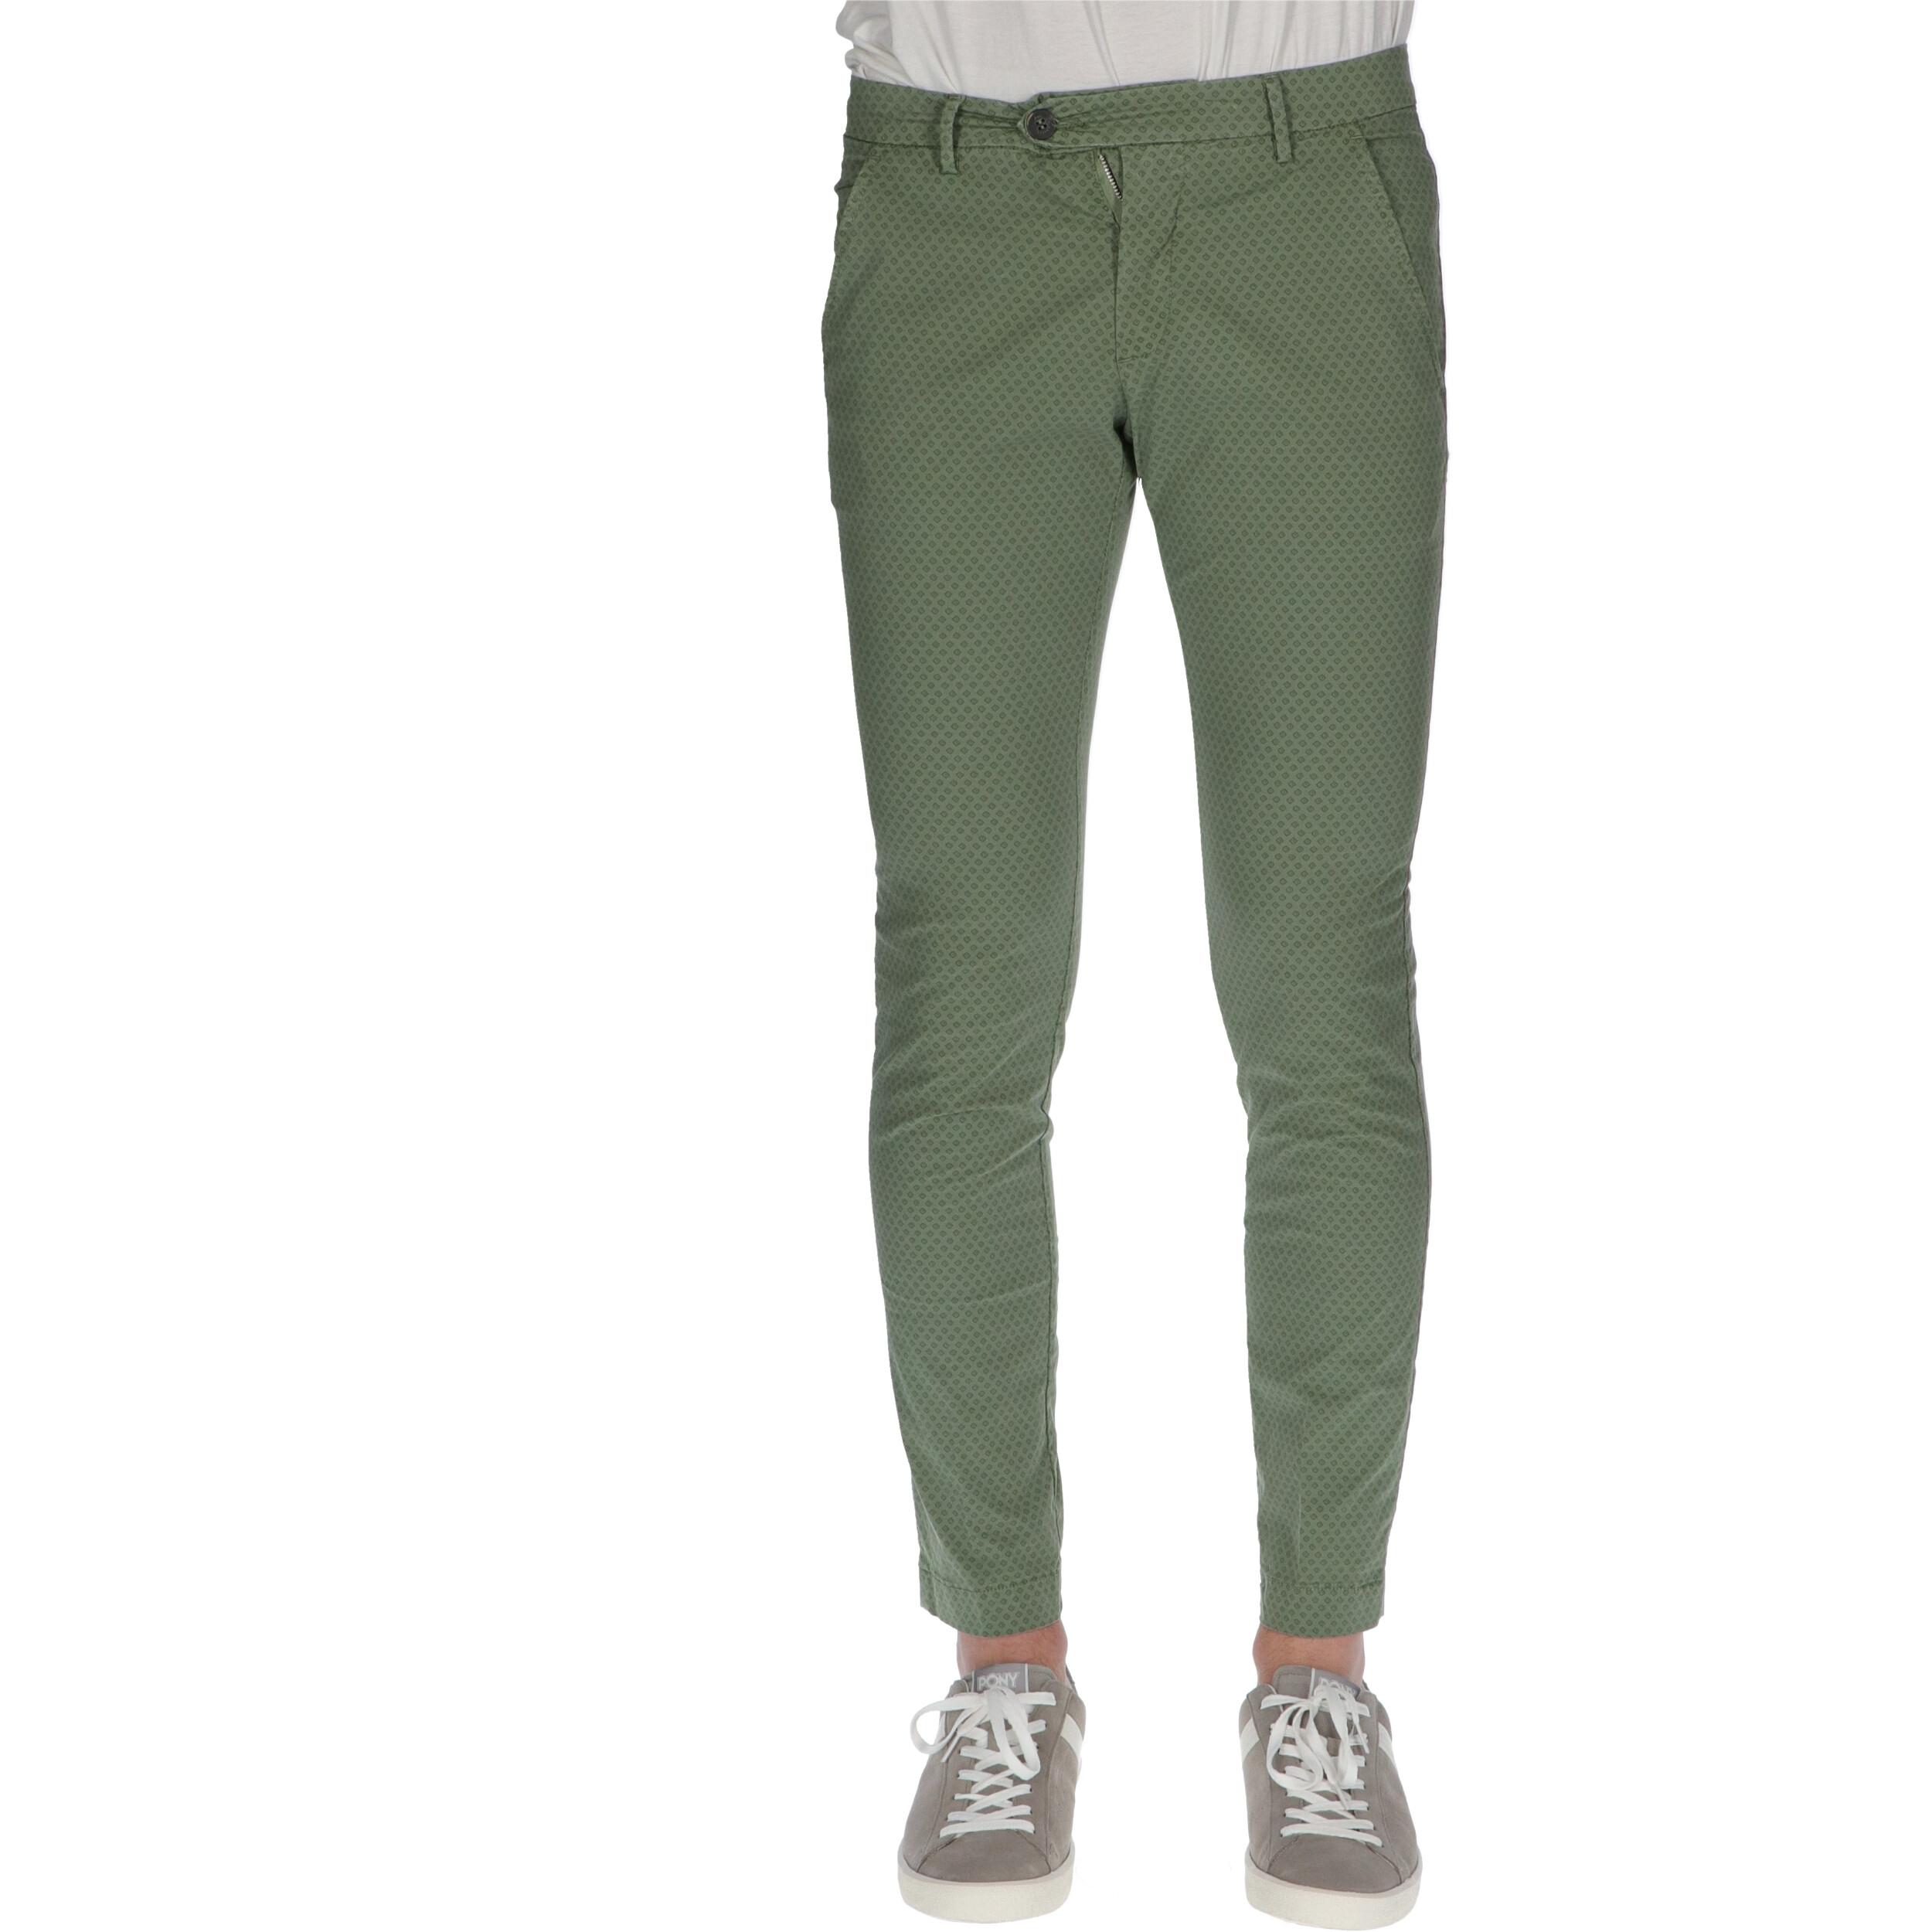 Clothing | Khloefemme